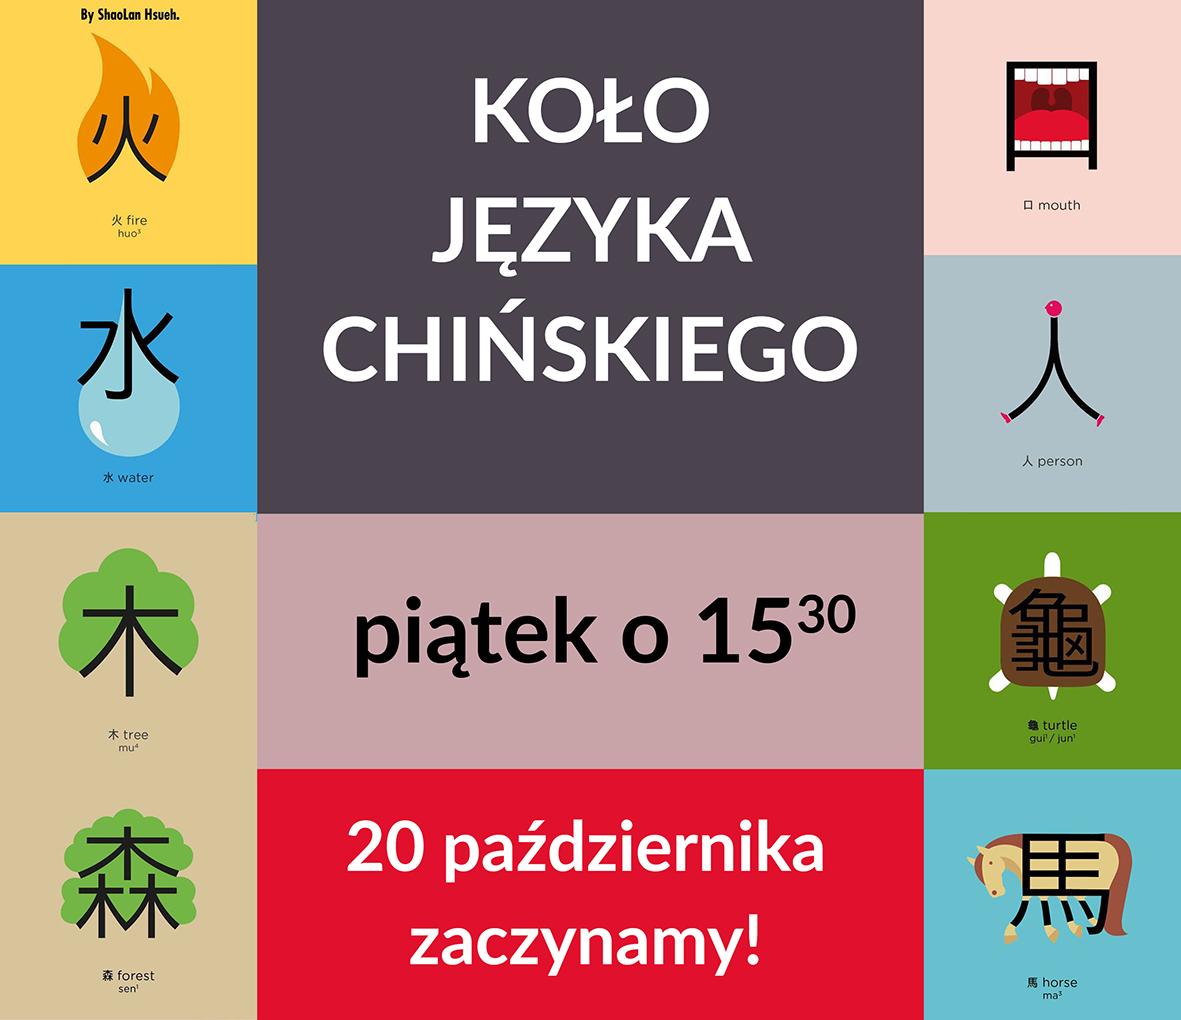 język chiński w moraczu, zajęcia z języka chińskiego, koło języka chińskiego